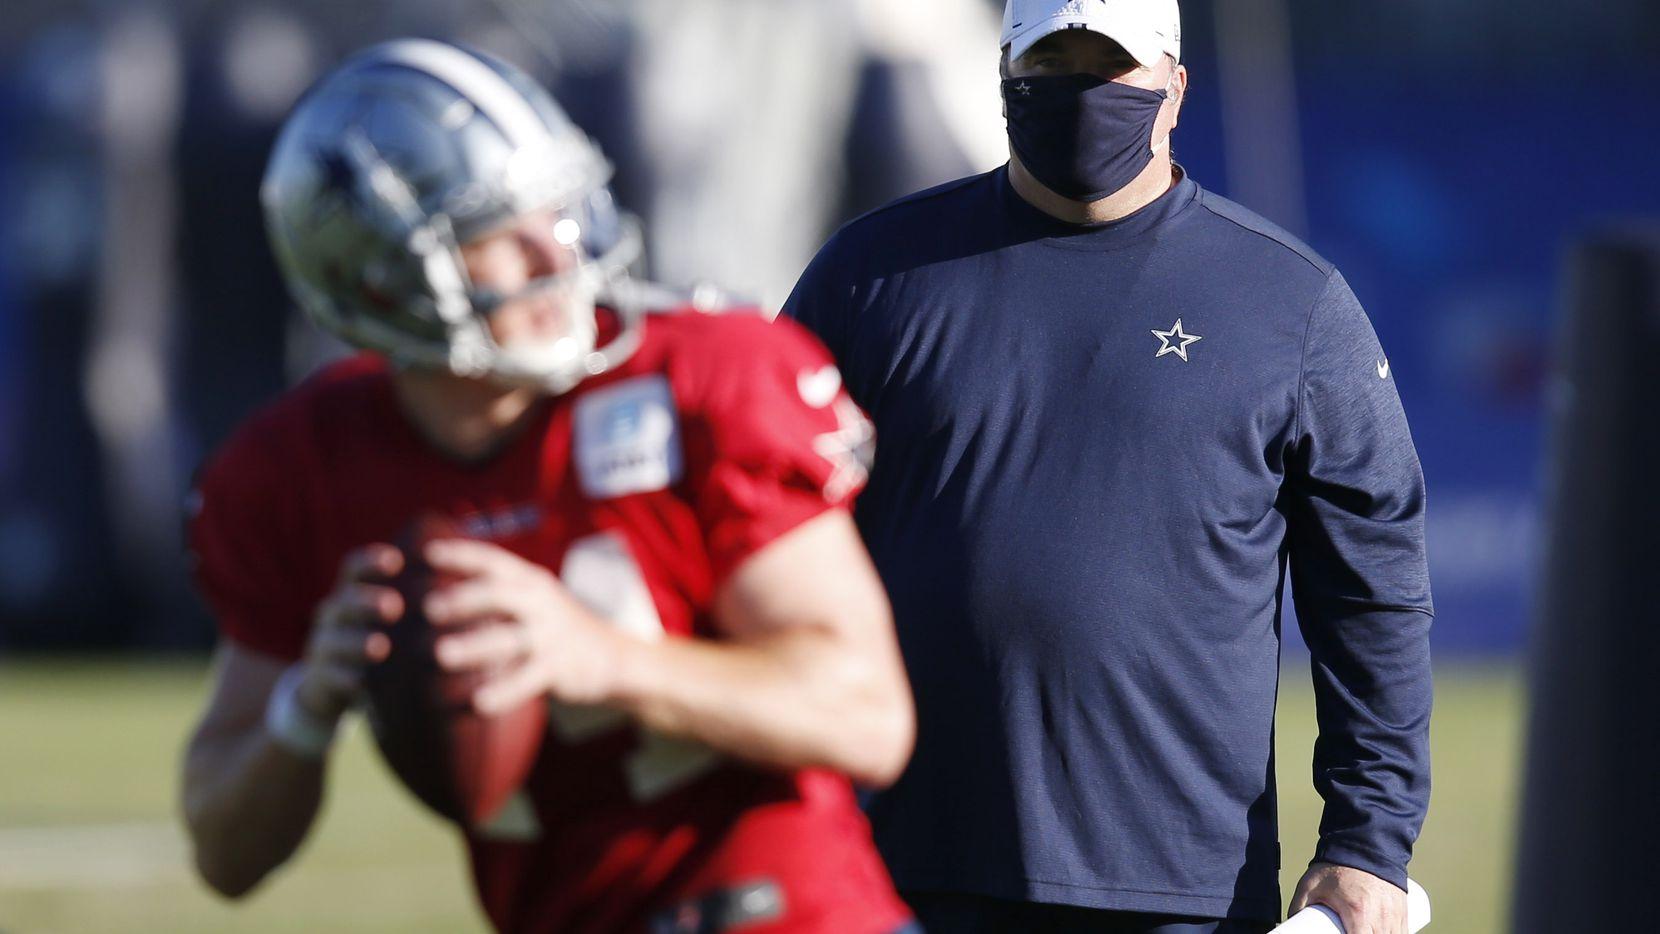 El entrenador en jefe de los Dallas Cowboys, Mike McCarthy  observa al mariscal Andy Dalton durante una práctica del equipo, el 20 de agosto de 2020 en Frisco.